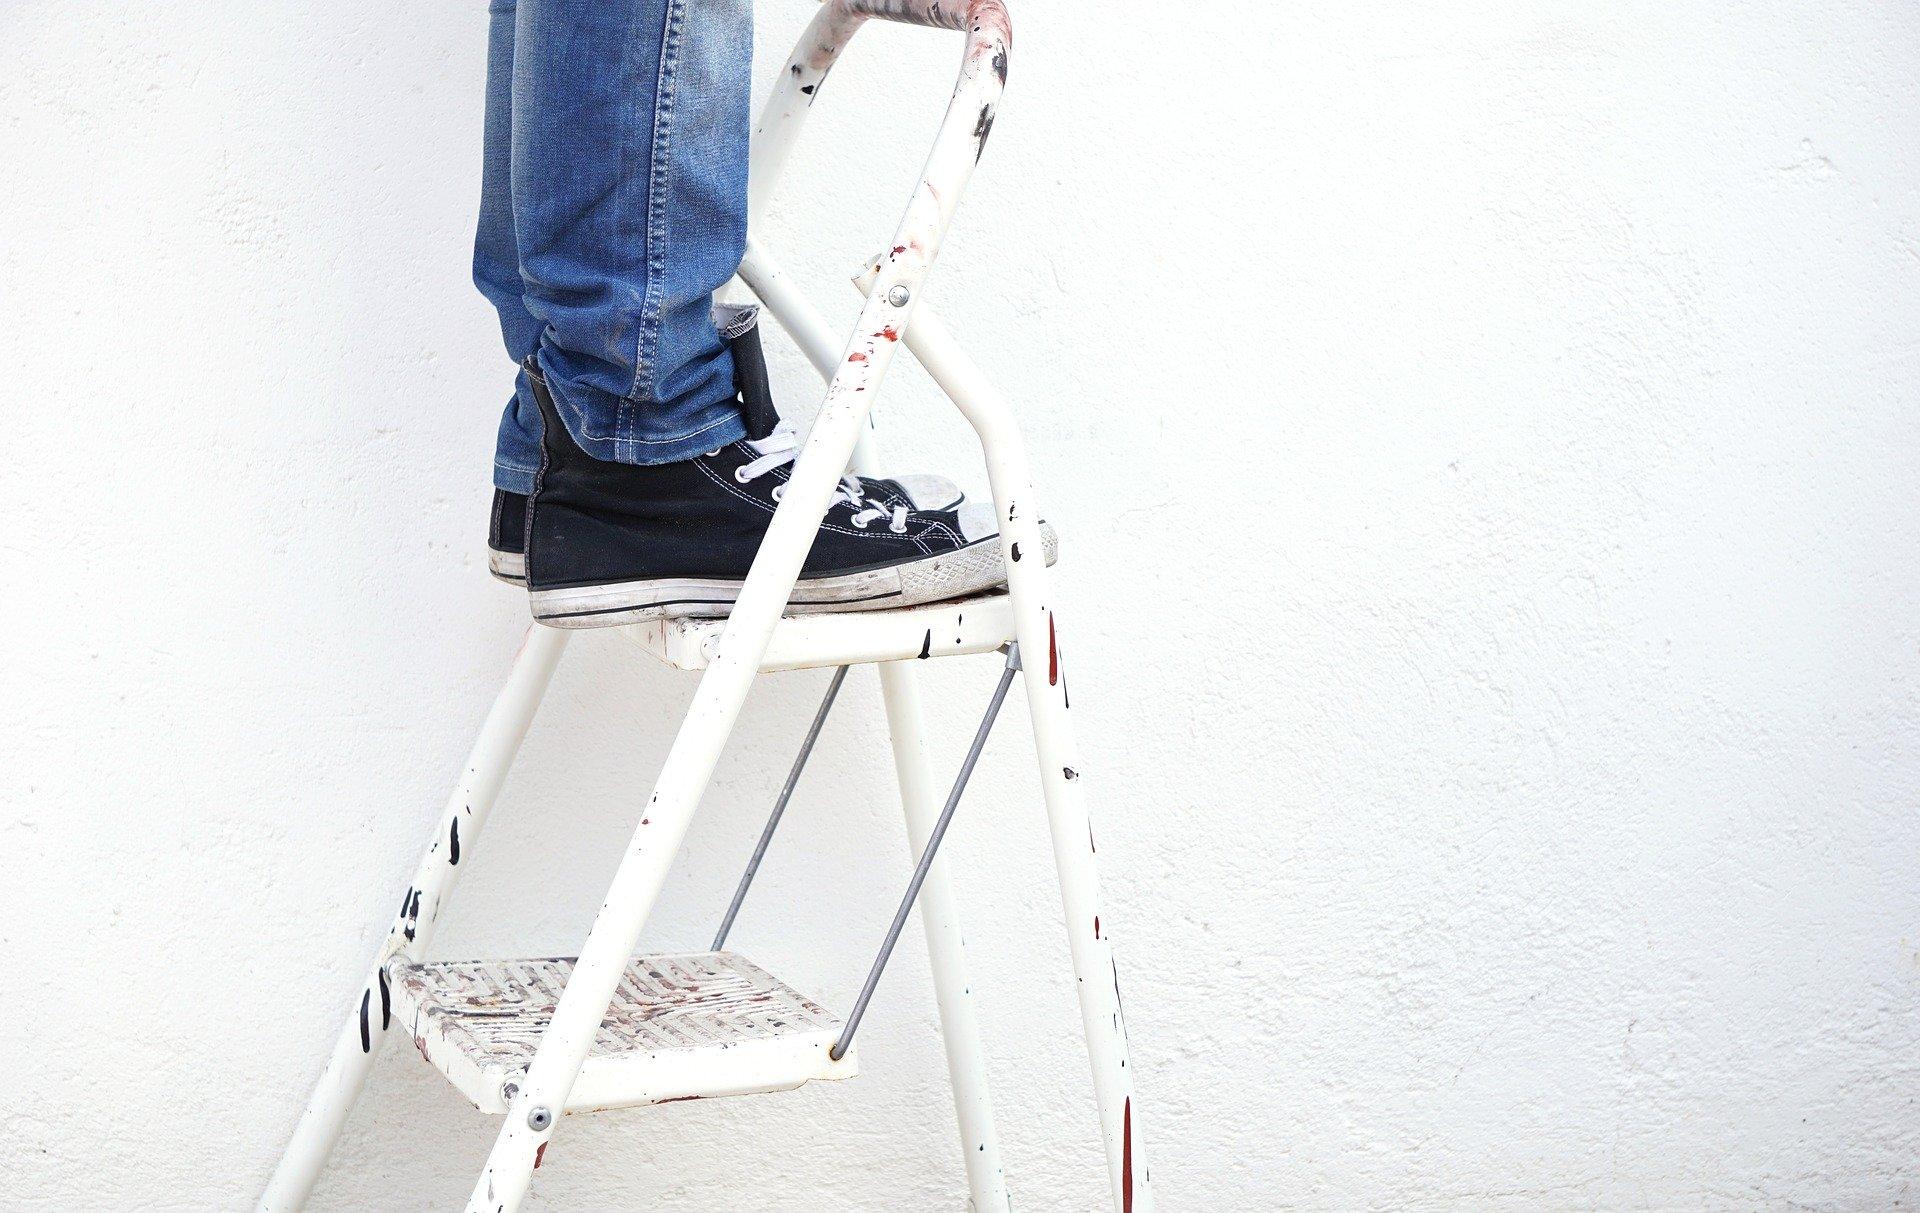 Person mit Jeans und schwarzen Turnschuhen steht auf einer Leiter und streicht